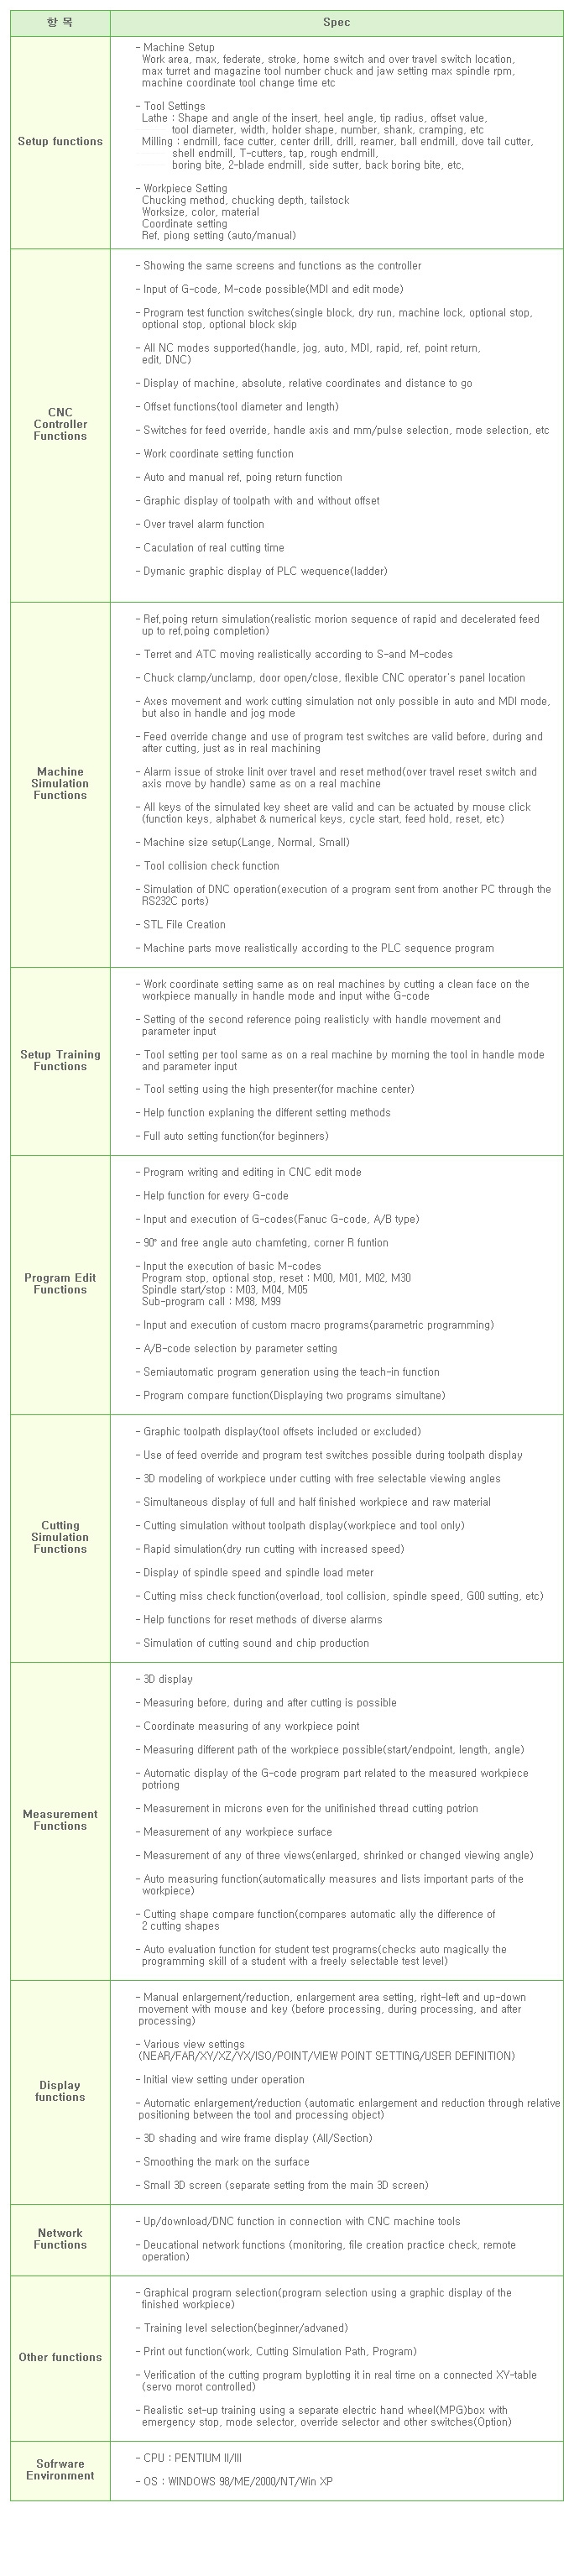 SEMI INFOTEX Educational Material SENTROL-PROVIEW 4